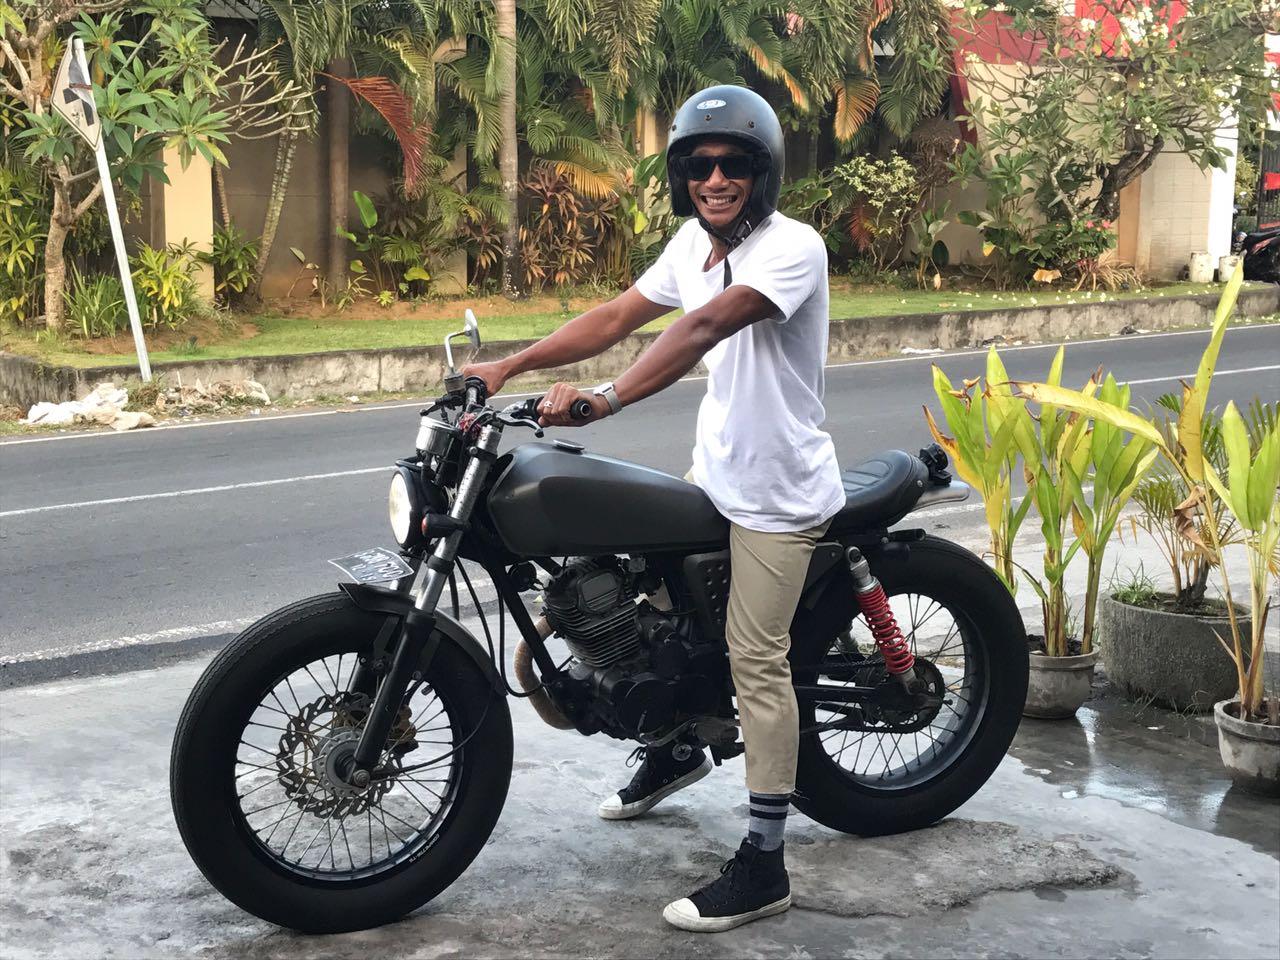 Motor Custom Bike Scrambler | Spotsewa Bali - Sewa menyewa jadi lebih mudah di Spotsewa